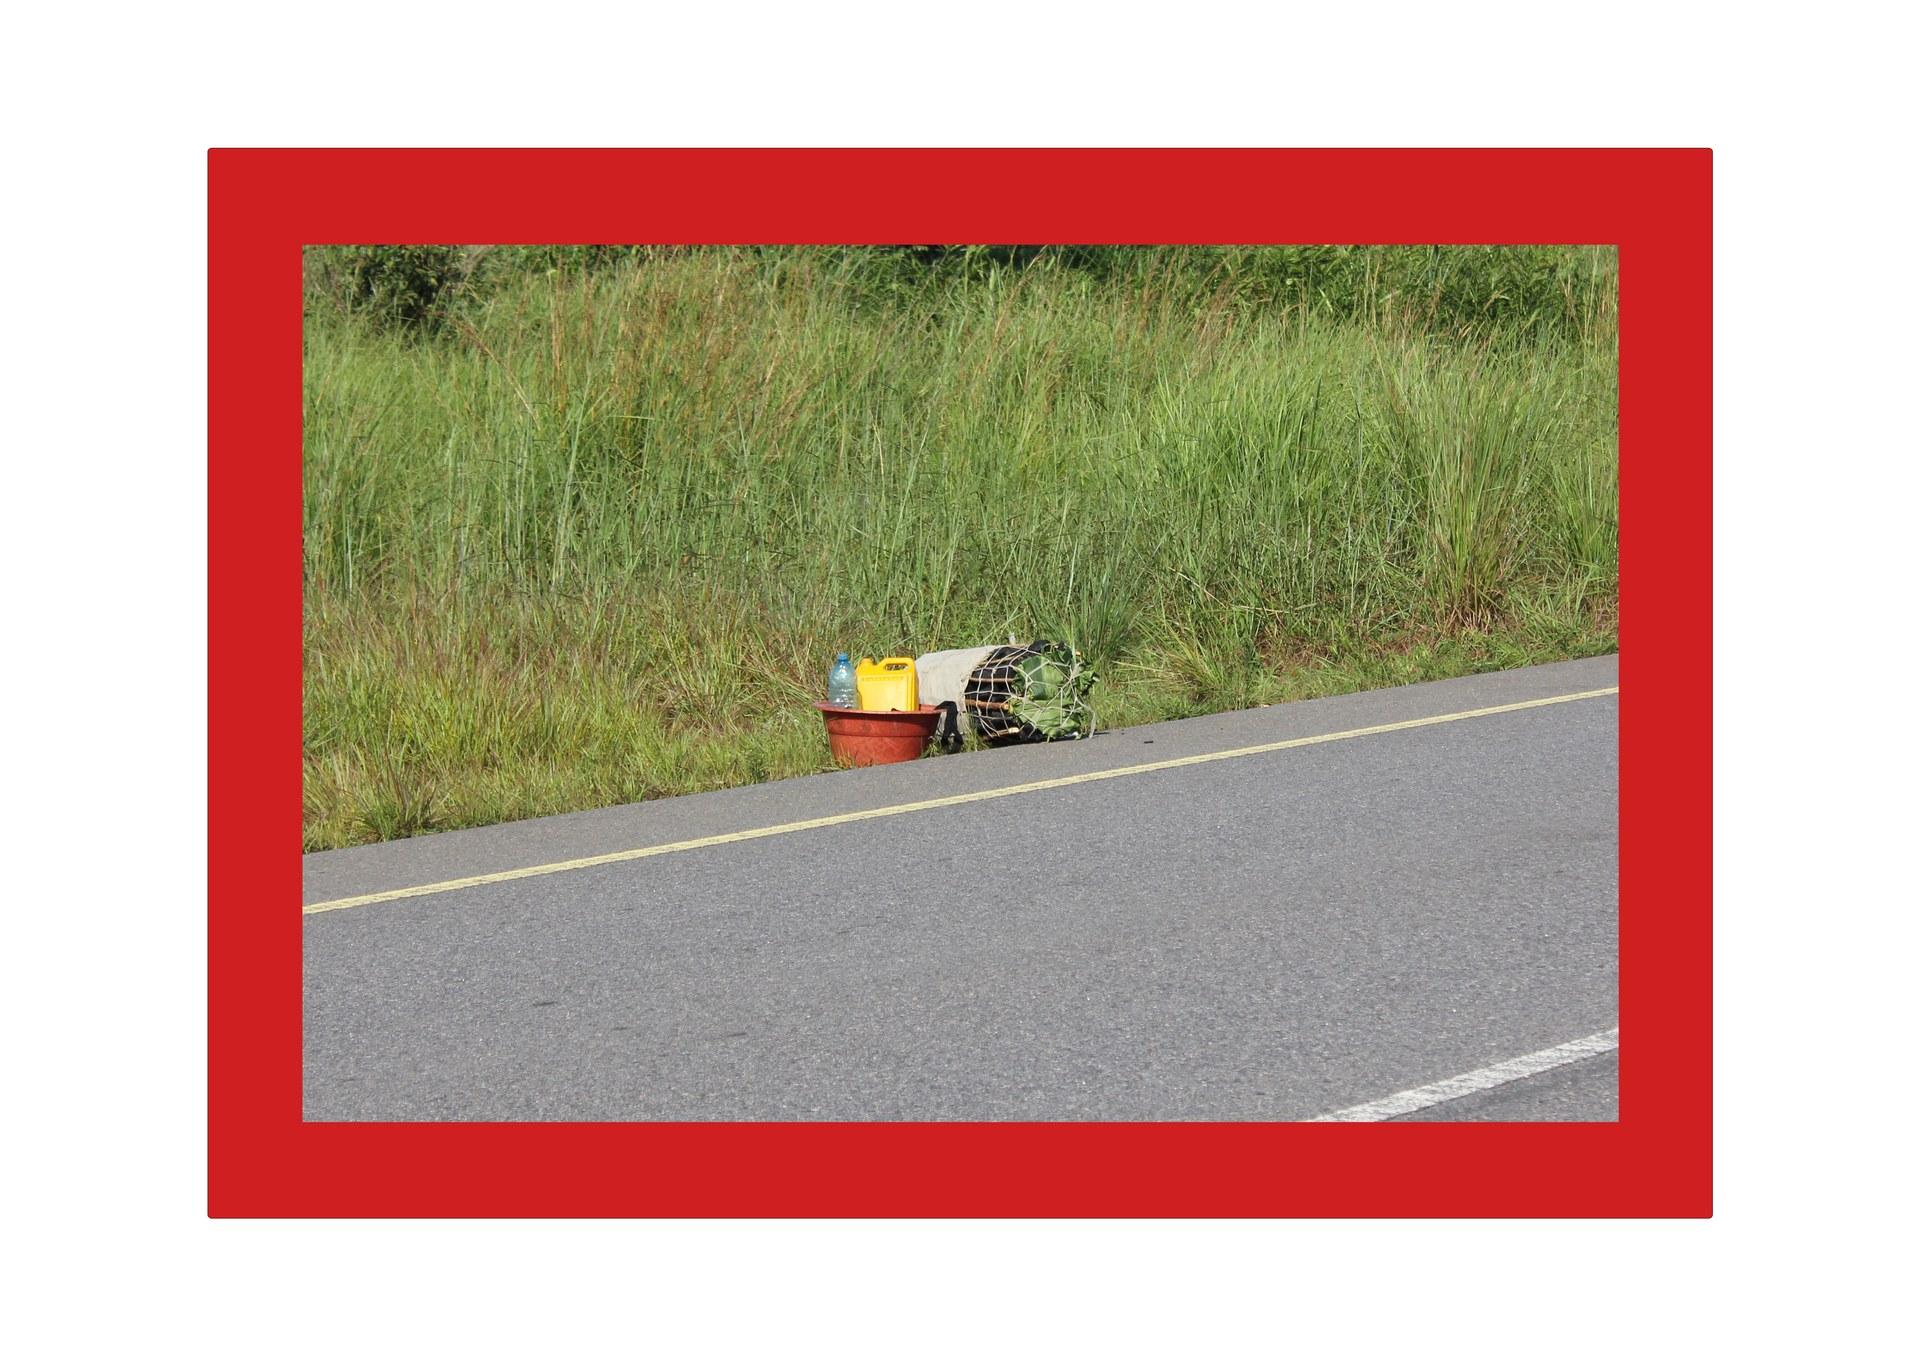 Road in Chitato, Lunda Norte, Angola (plastic basin 2)